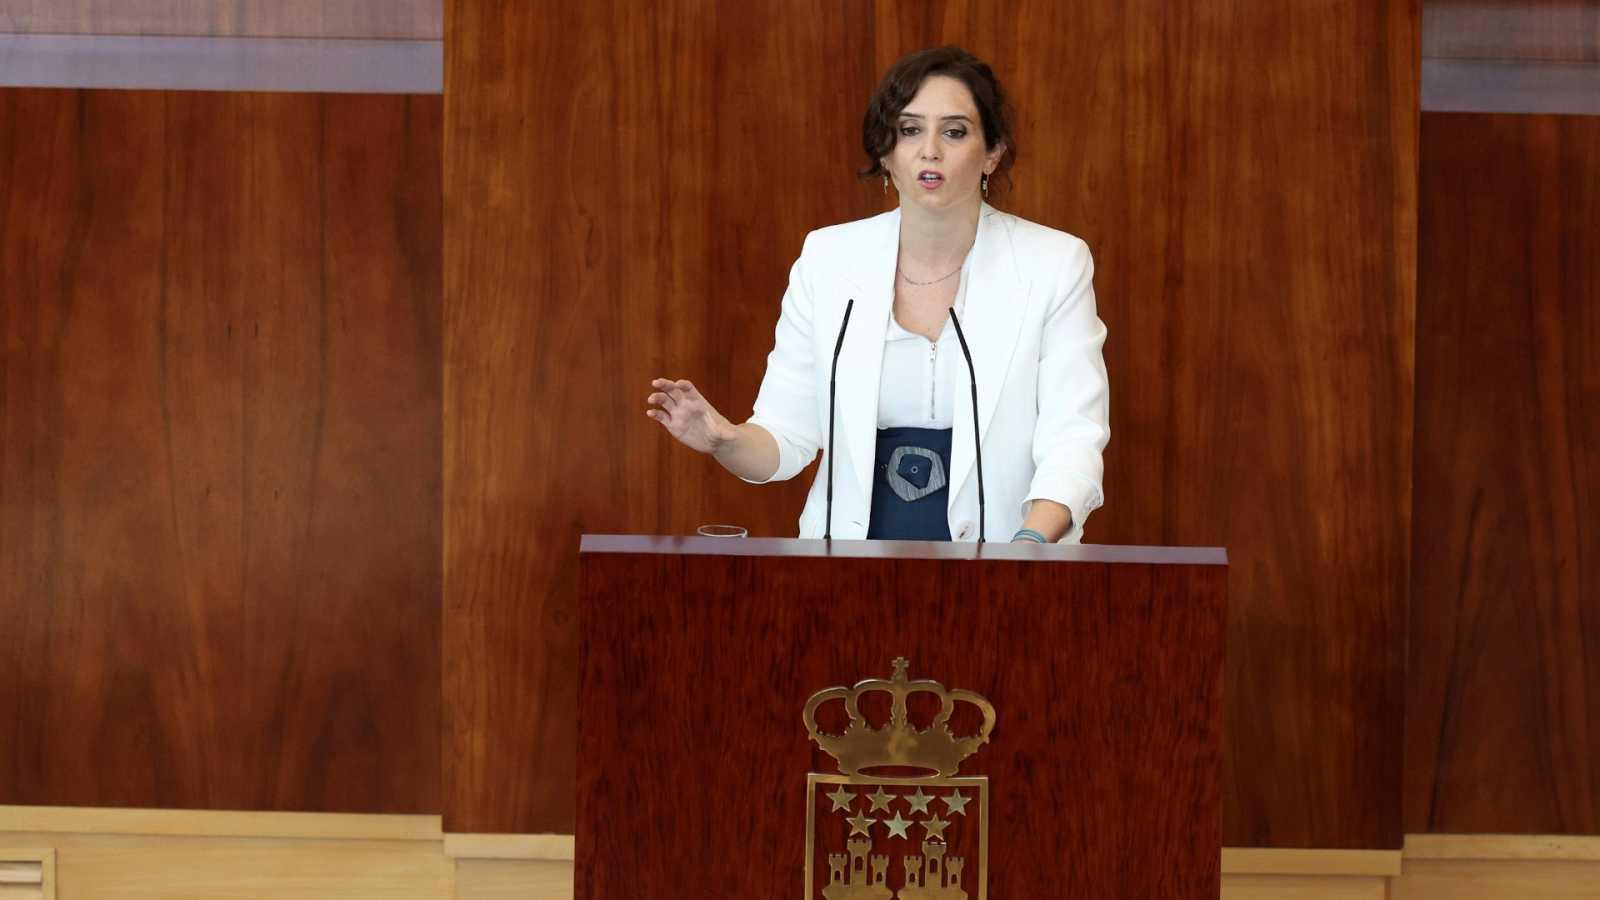 La presidenta de la Comunidad de Madrid, Isabel Díaz Ayuso